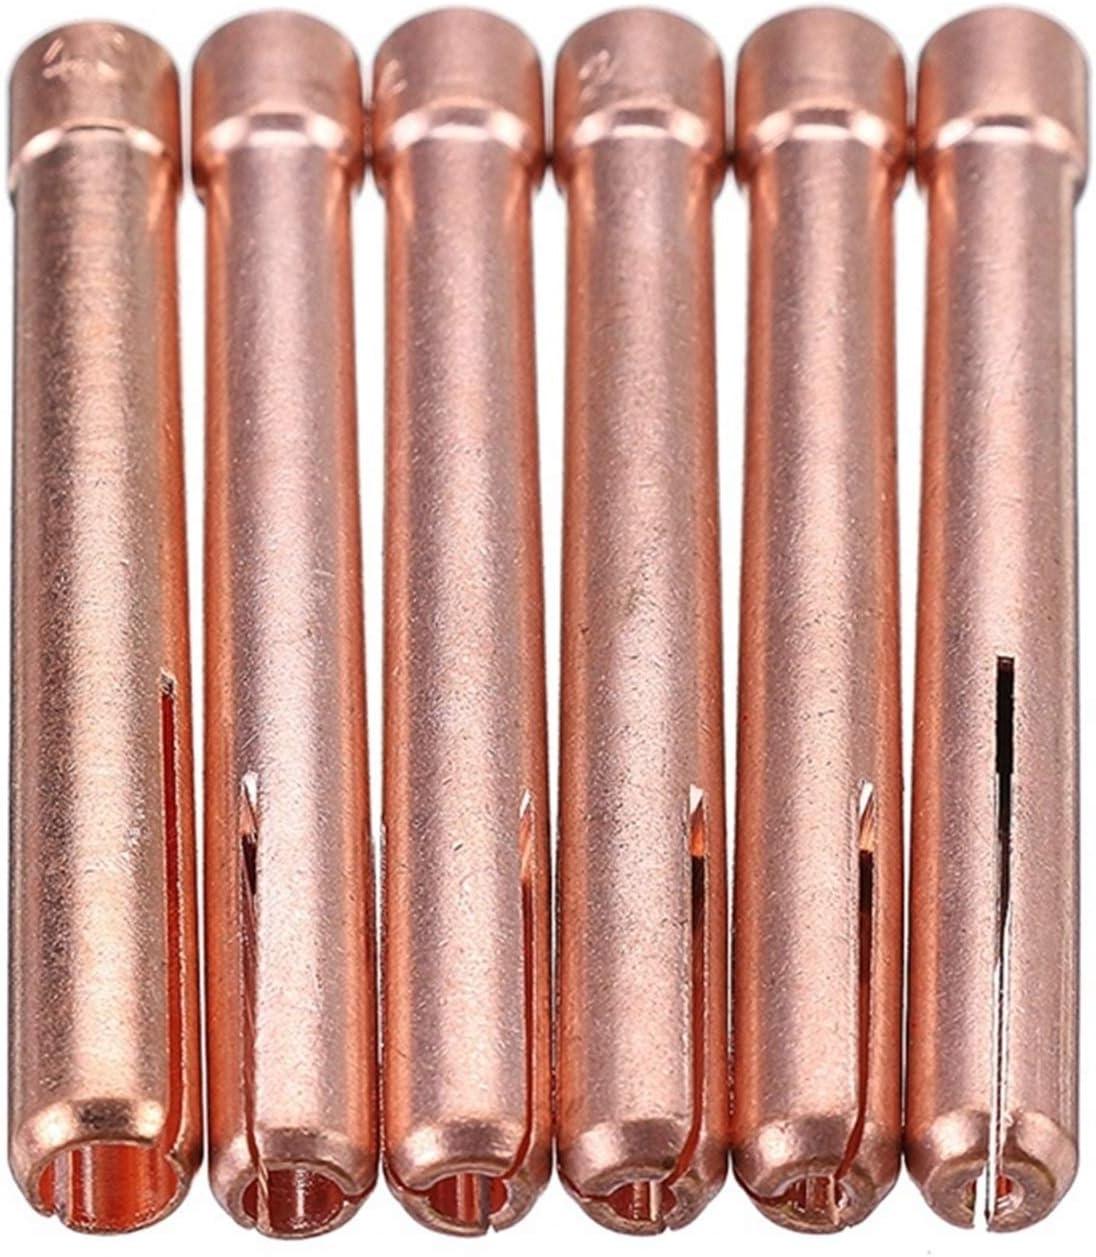 QWSX Outils manuels 56pcs TIG TRUCH Torch DE Torch DE Torque DE Tranche Collet Stubby Stubby GAZ LENGE Coupe DE Verre WP17 WP18 WP26 WT20 Tungsten Outil DE SOUDAGE DE Tungsten Mat/ériel en m/étal